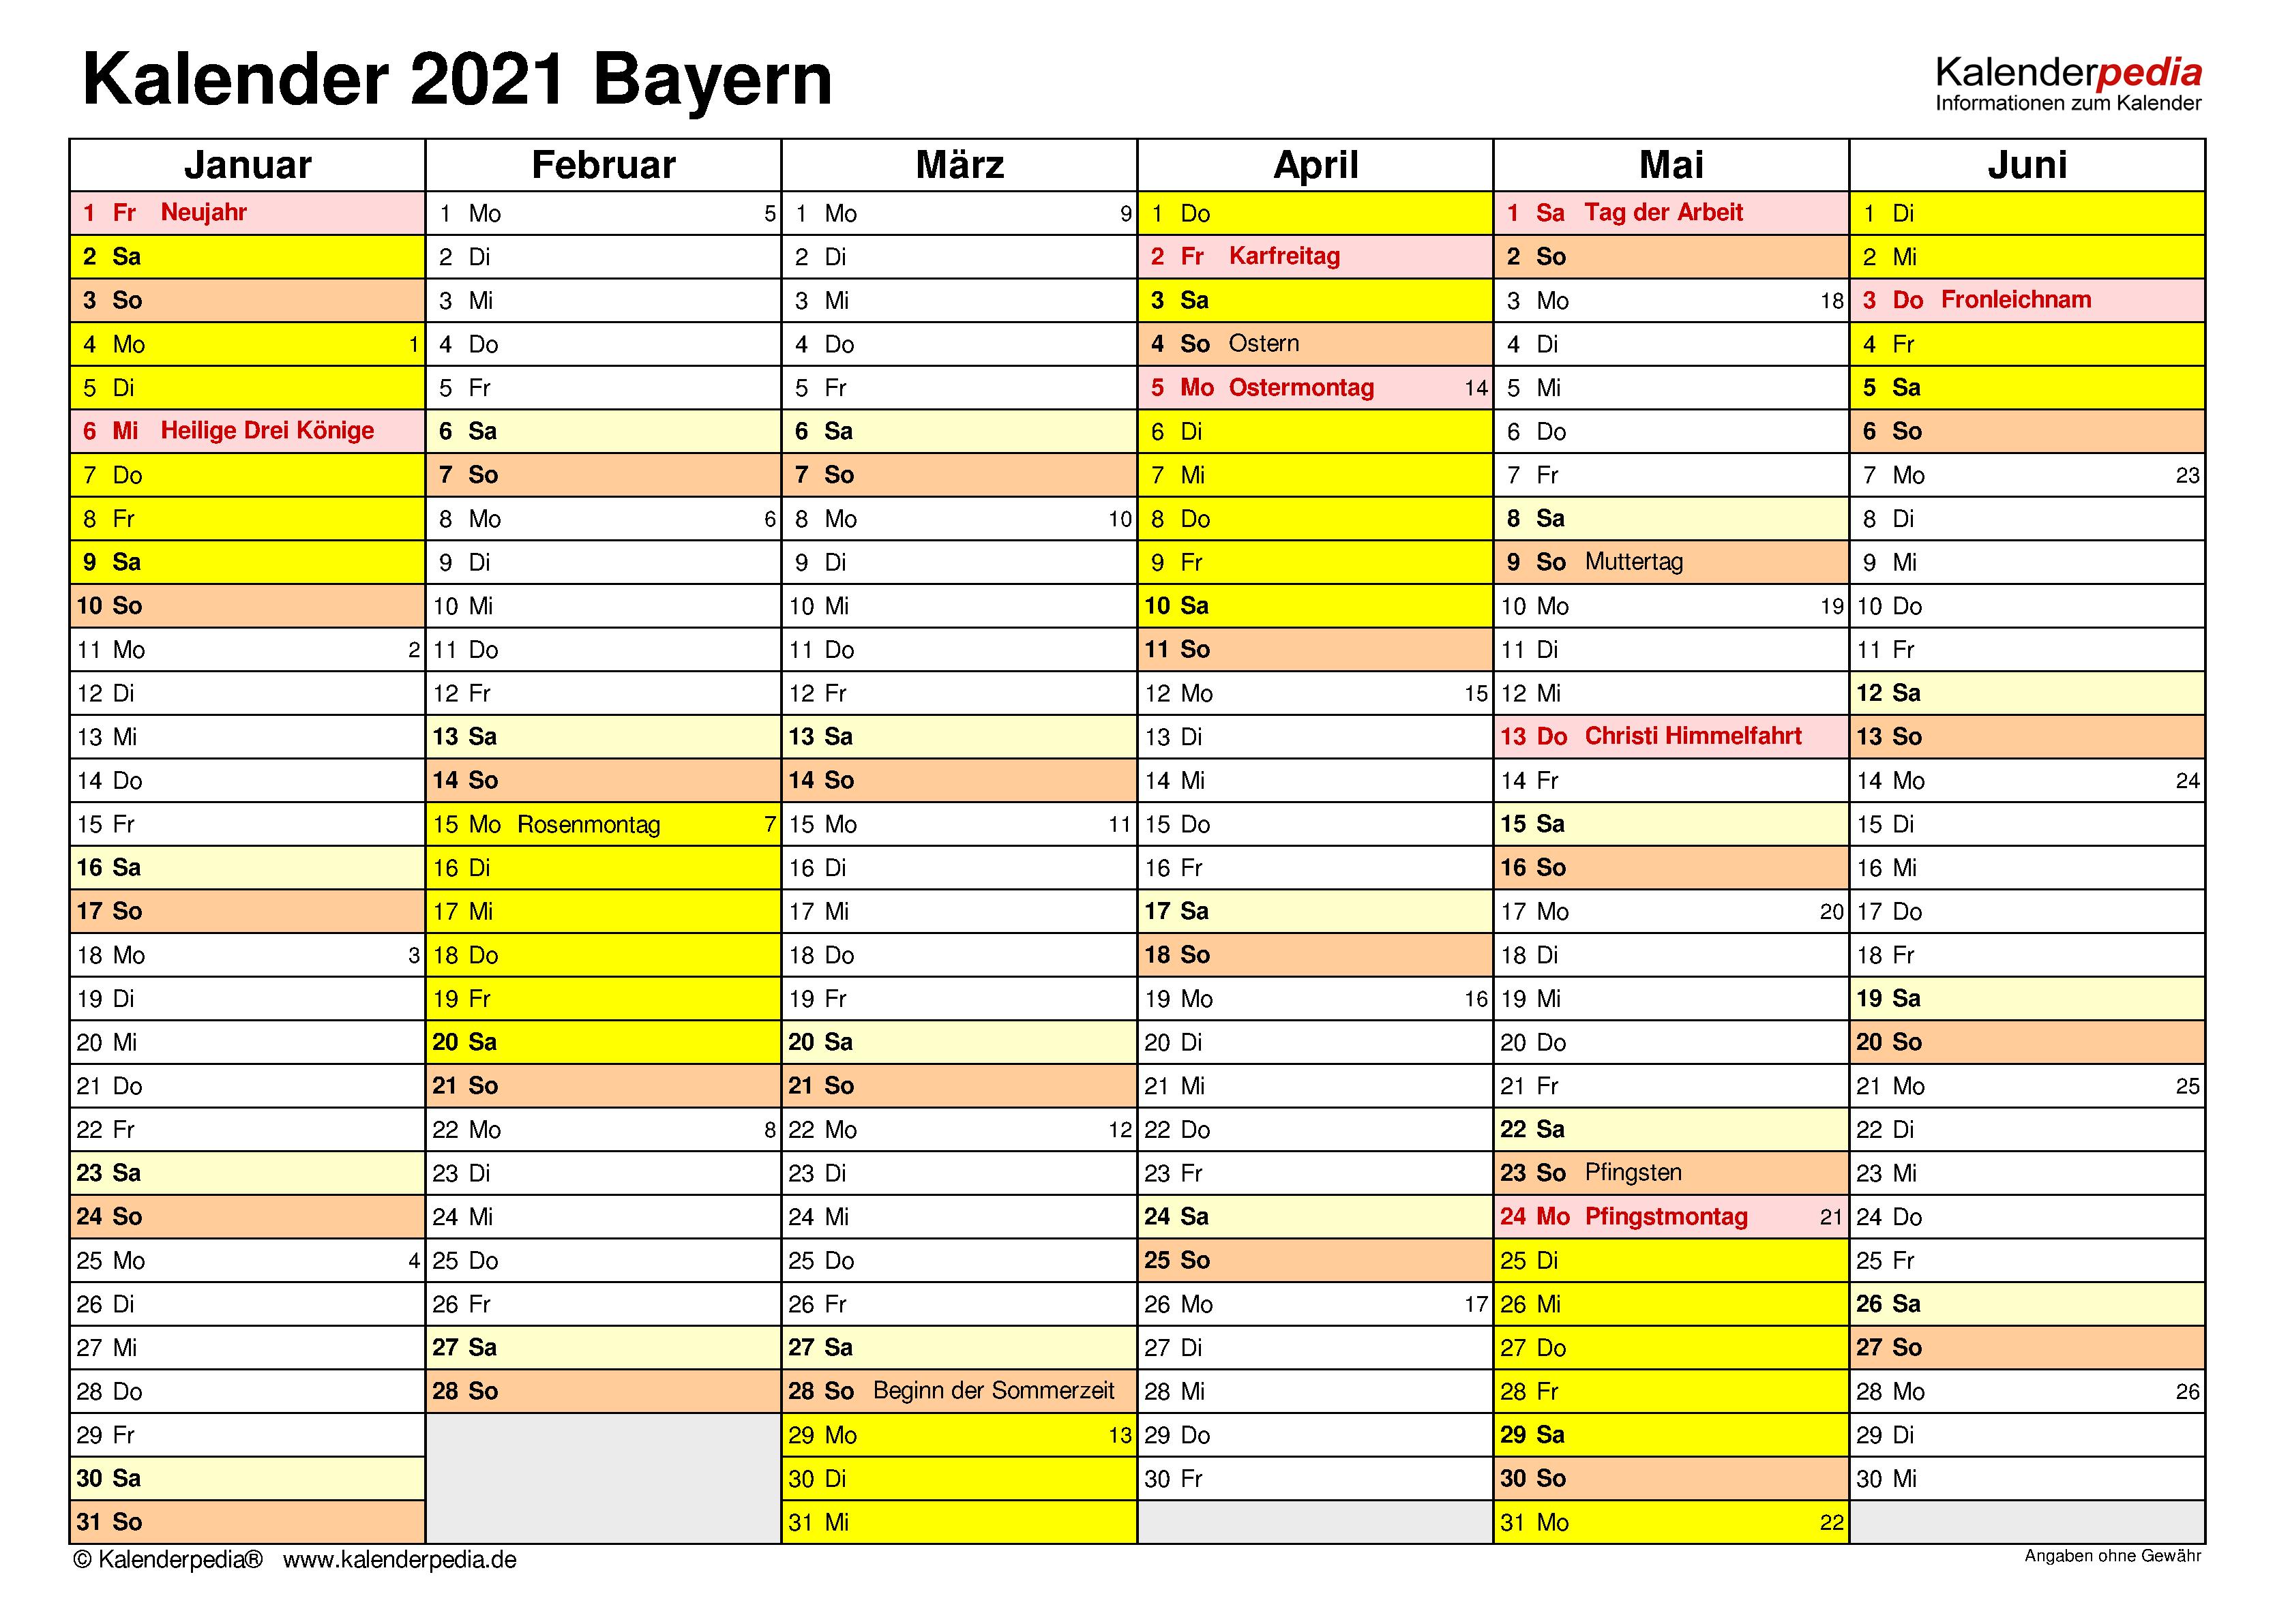 Kalender 2021 Bayern: Ferien, Feiertage, Excel-Vorlagen